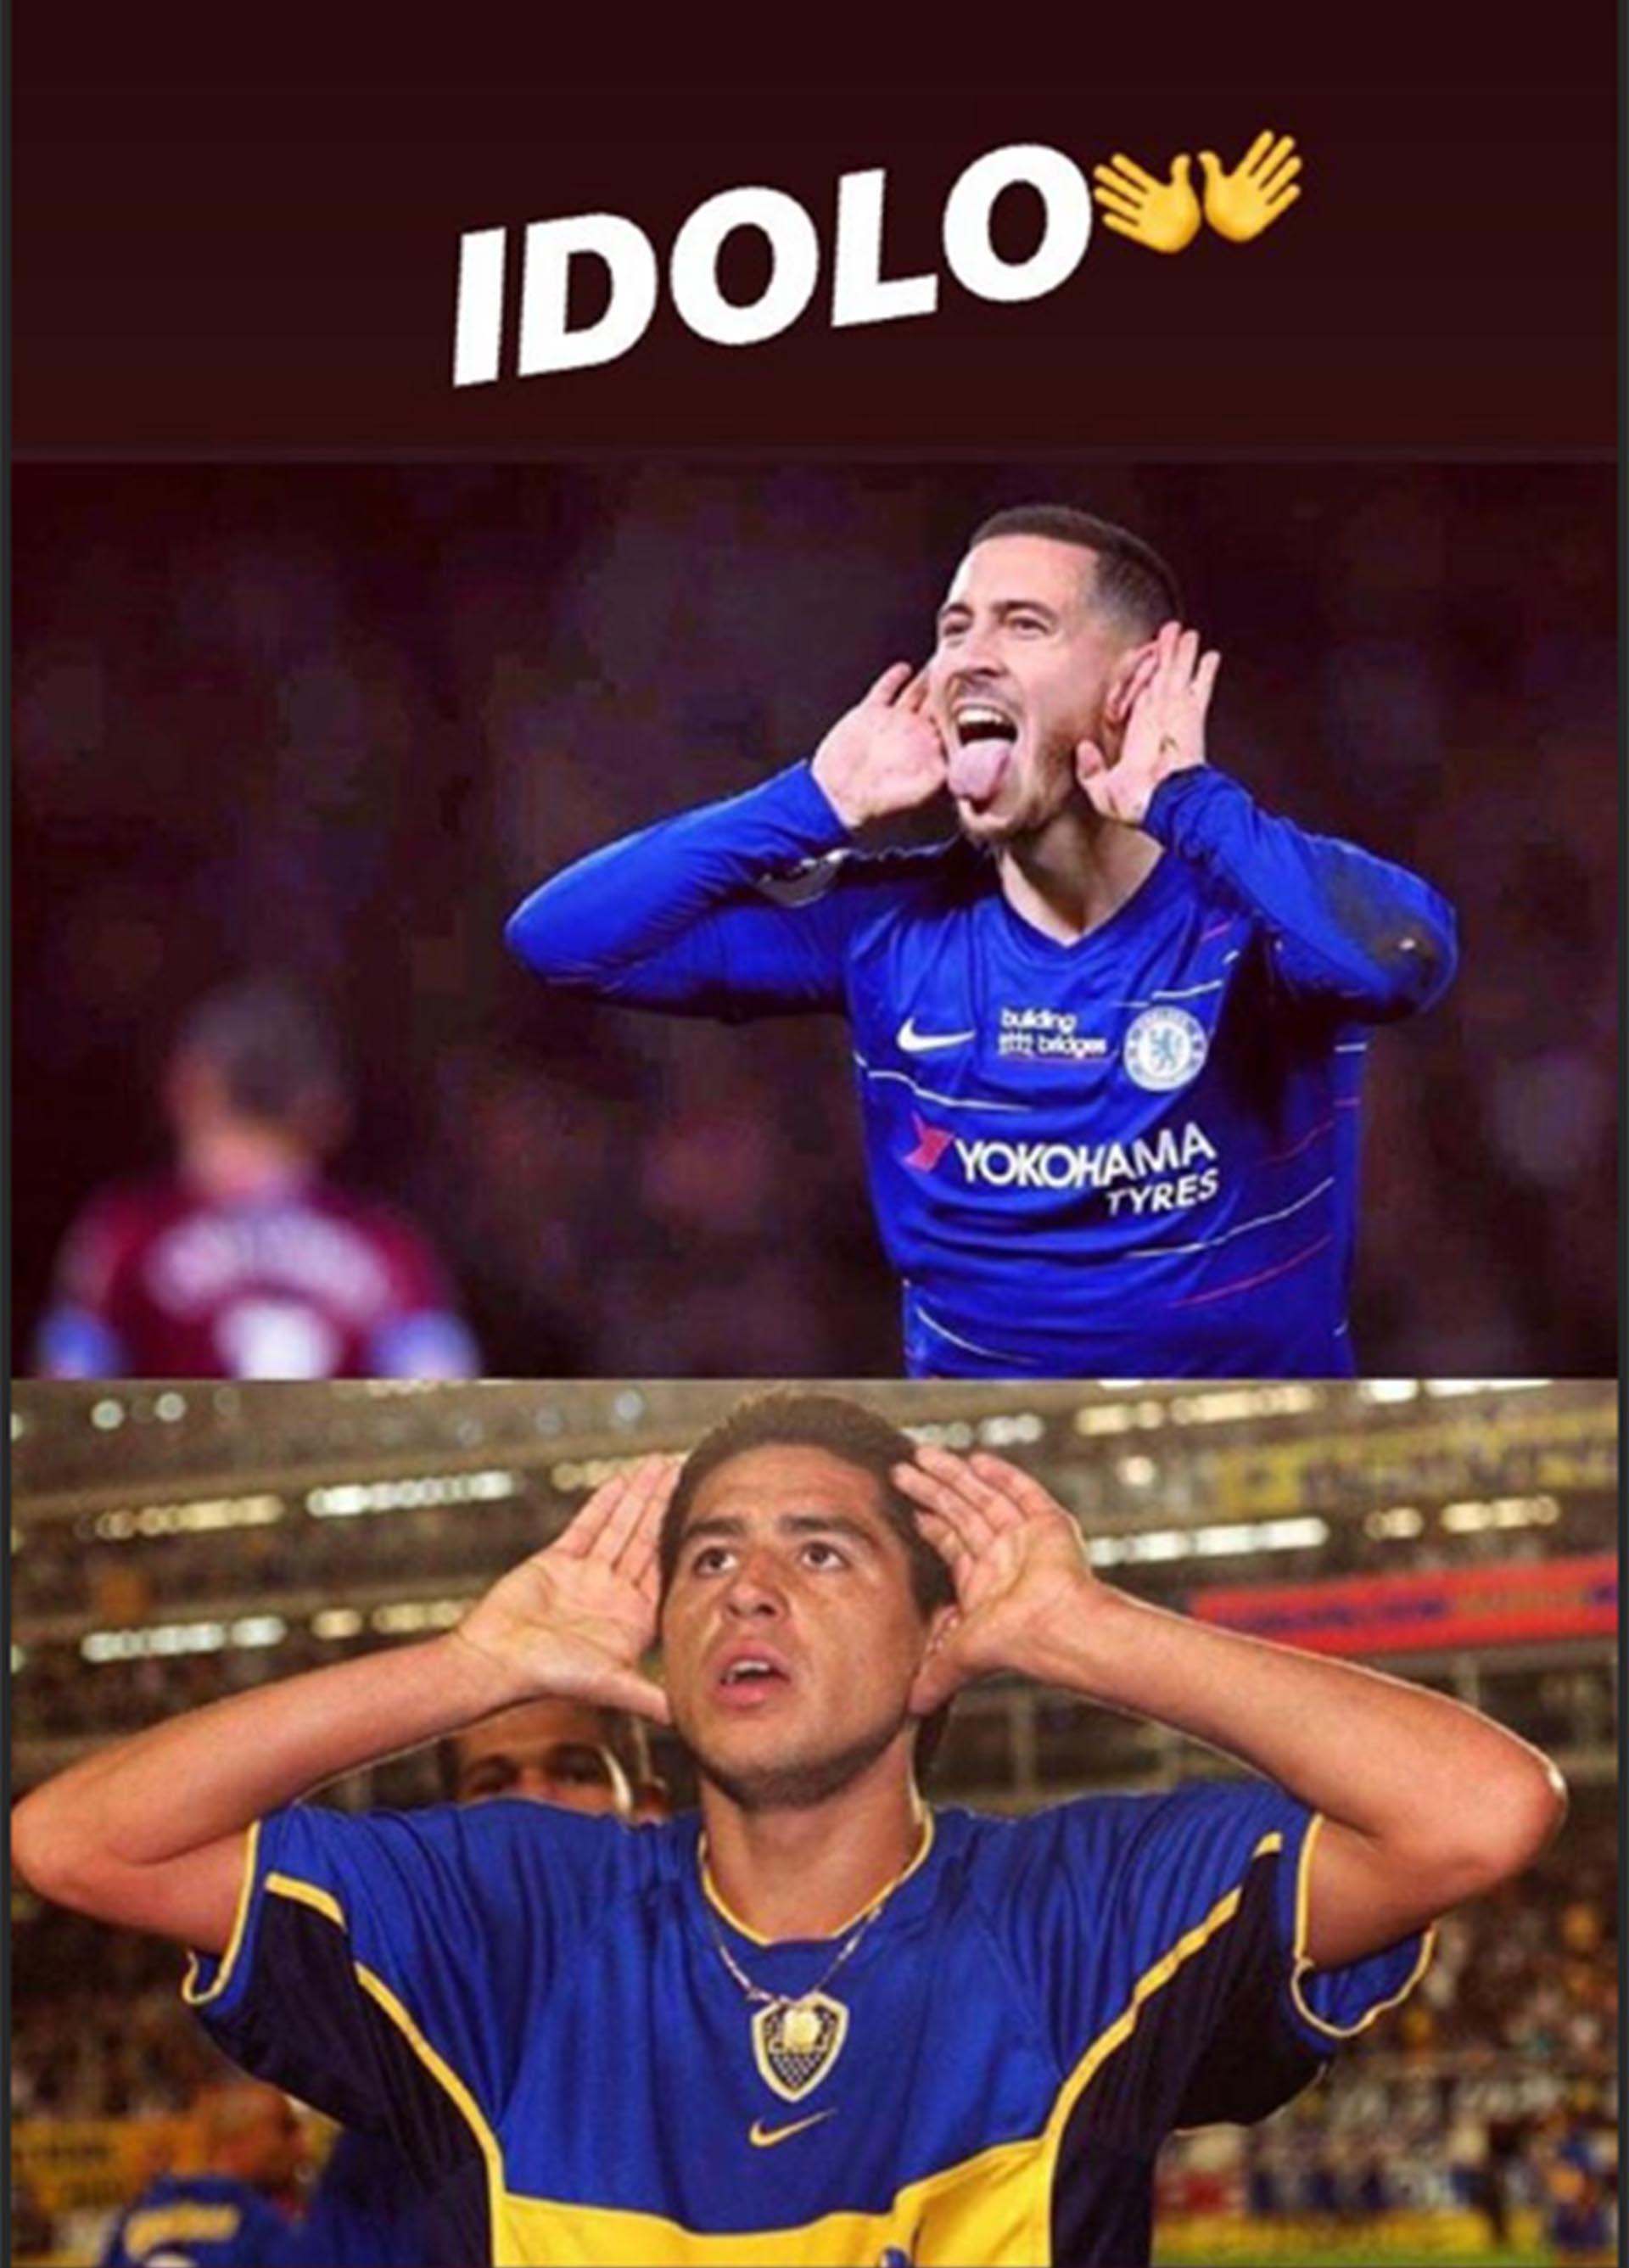 """""""Ídolo"""" y los emoji de las manos que comparan el """"Topo Gigio"""" de Hazard y Riquelme (Instagram @hazardeden_10)"""